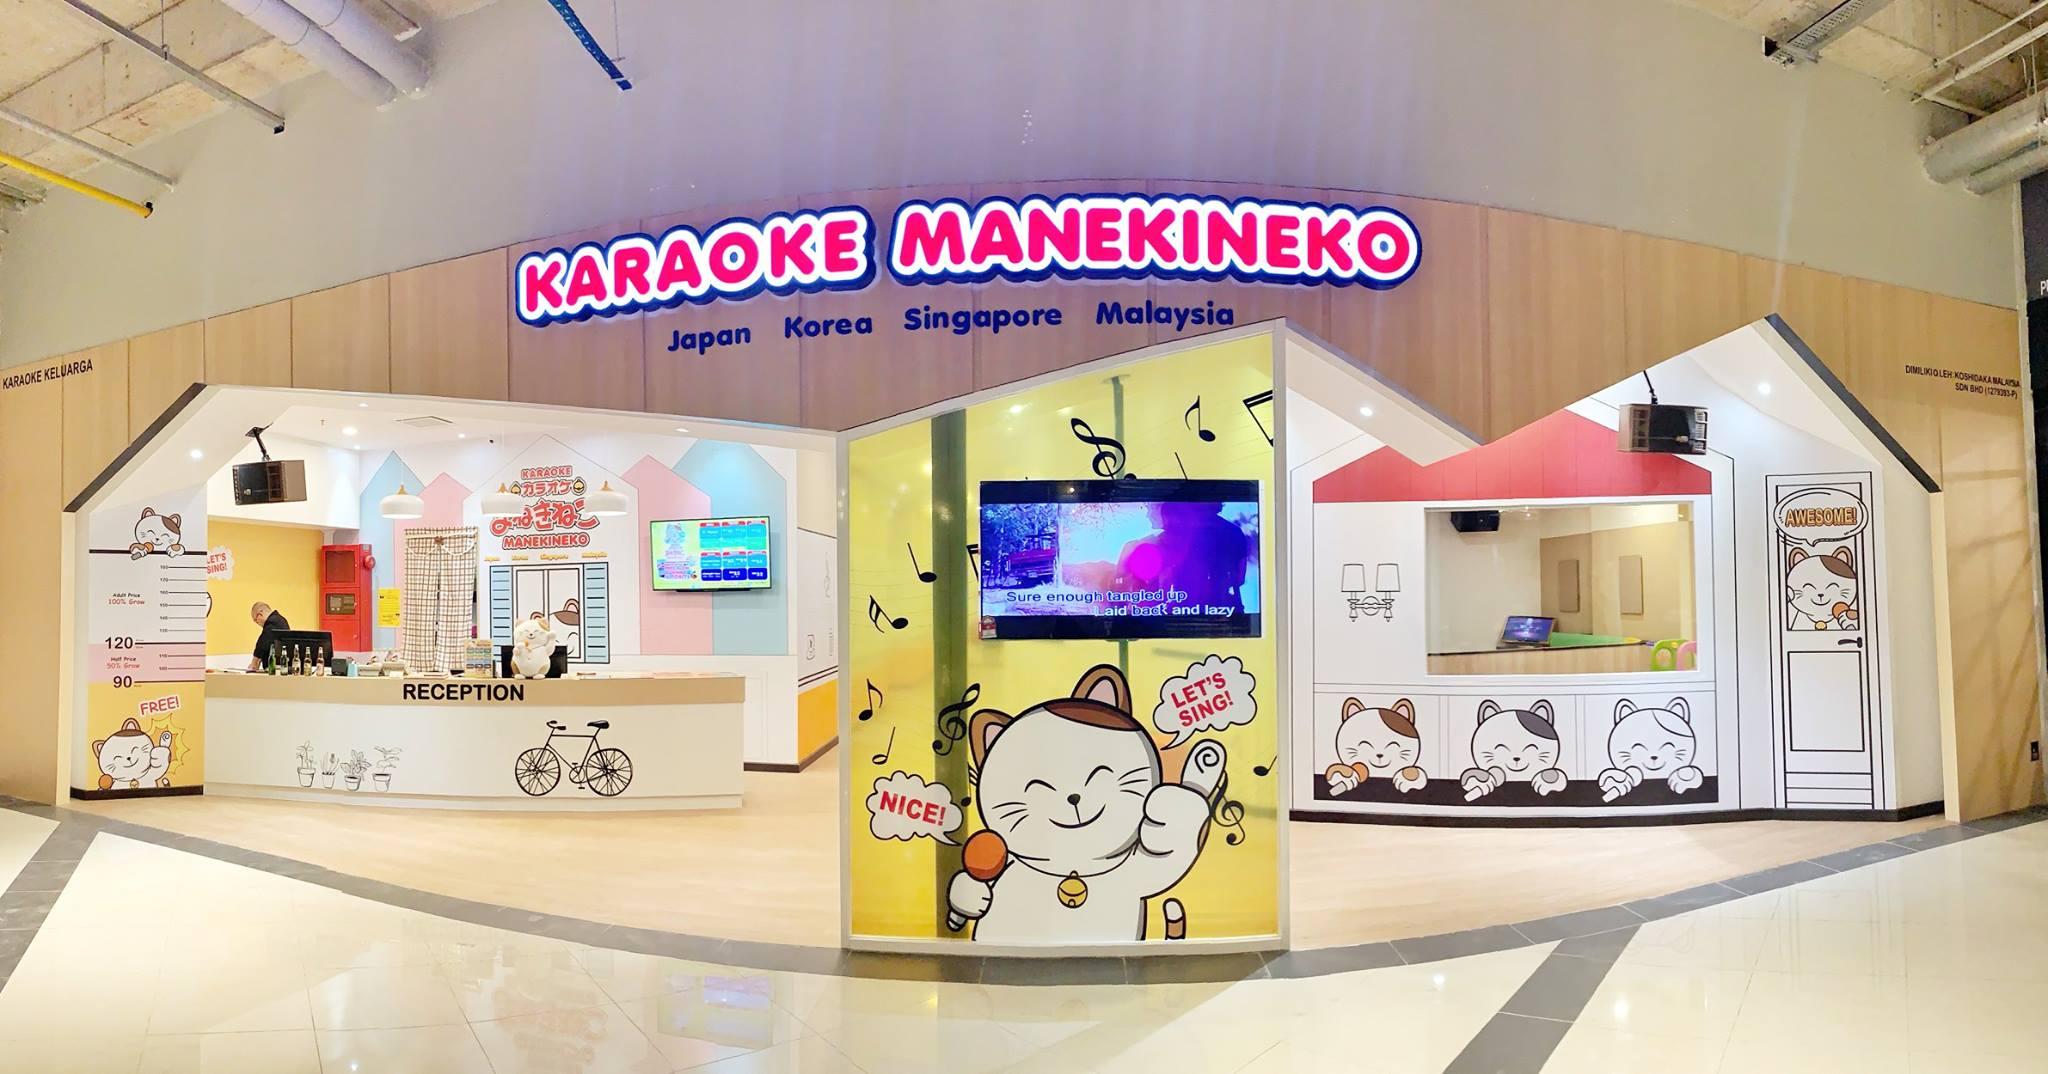 Karaoke Manekineko at EkoCheras Mall.